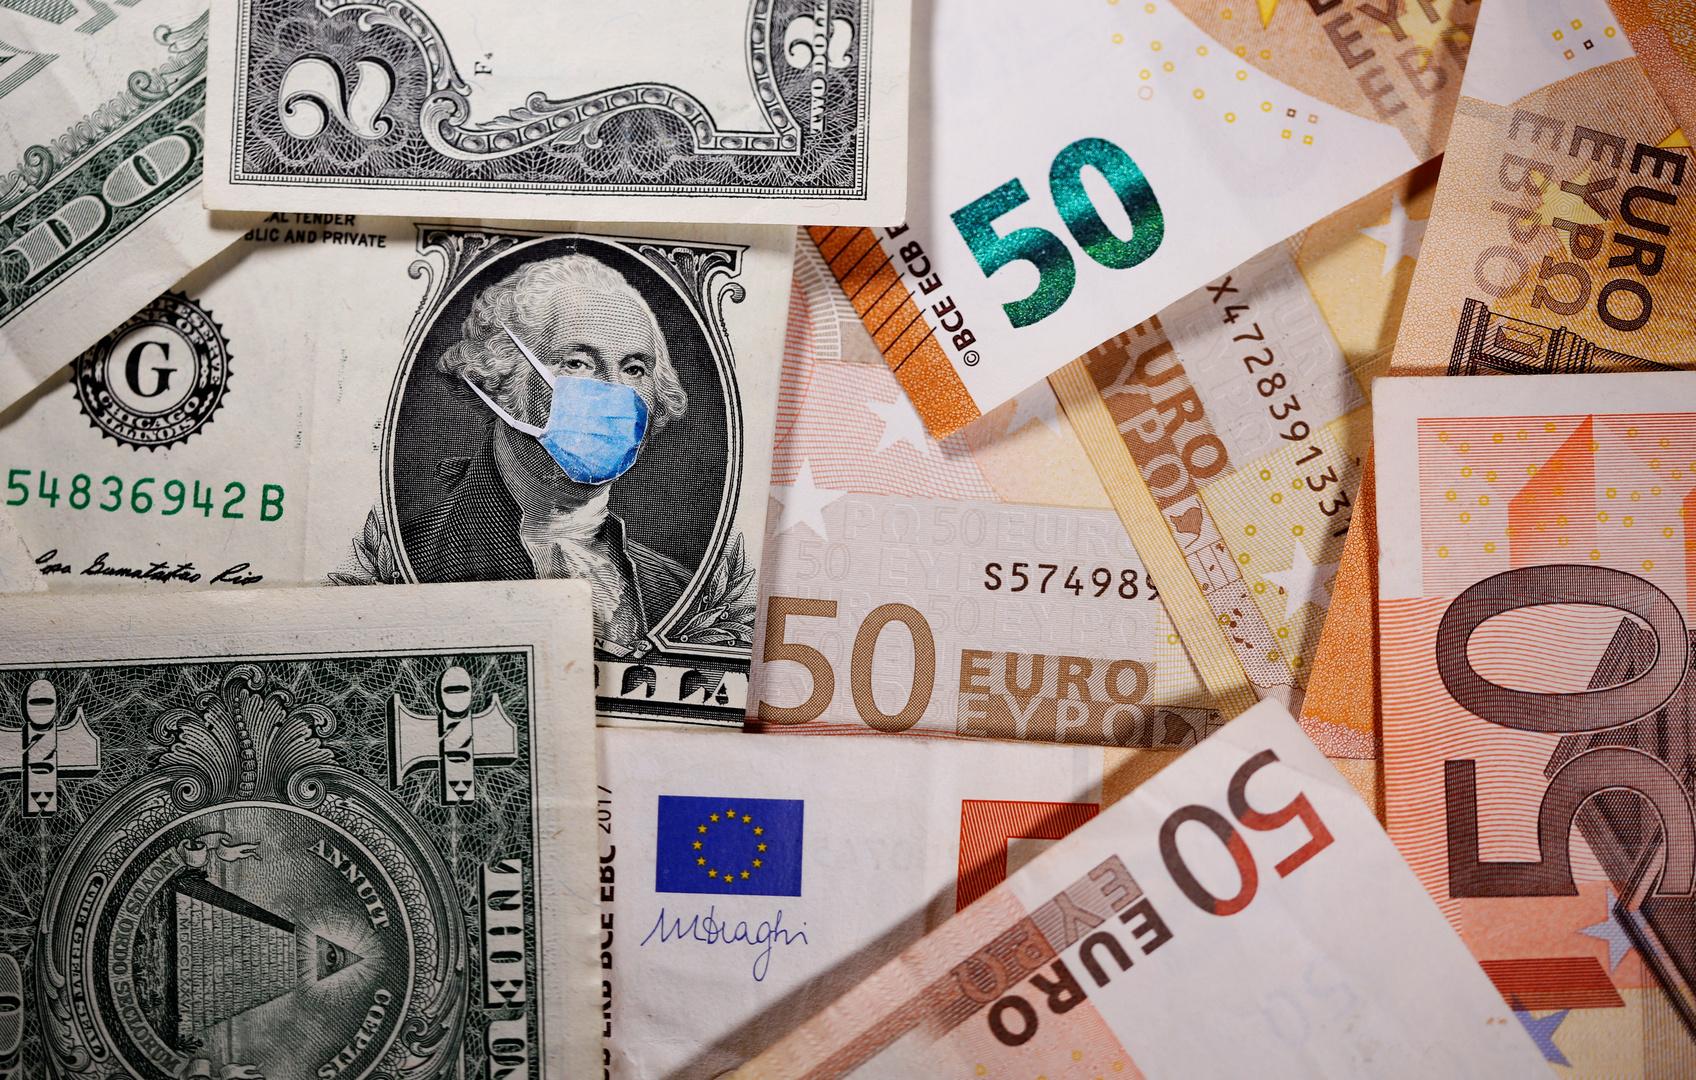 الاتحاد الأوروبي يتجه صوب انكماش اقتصادي هو الأسوأ منذ الحرب العالمية الثانية